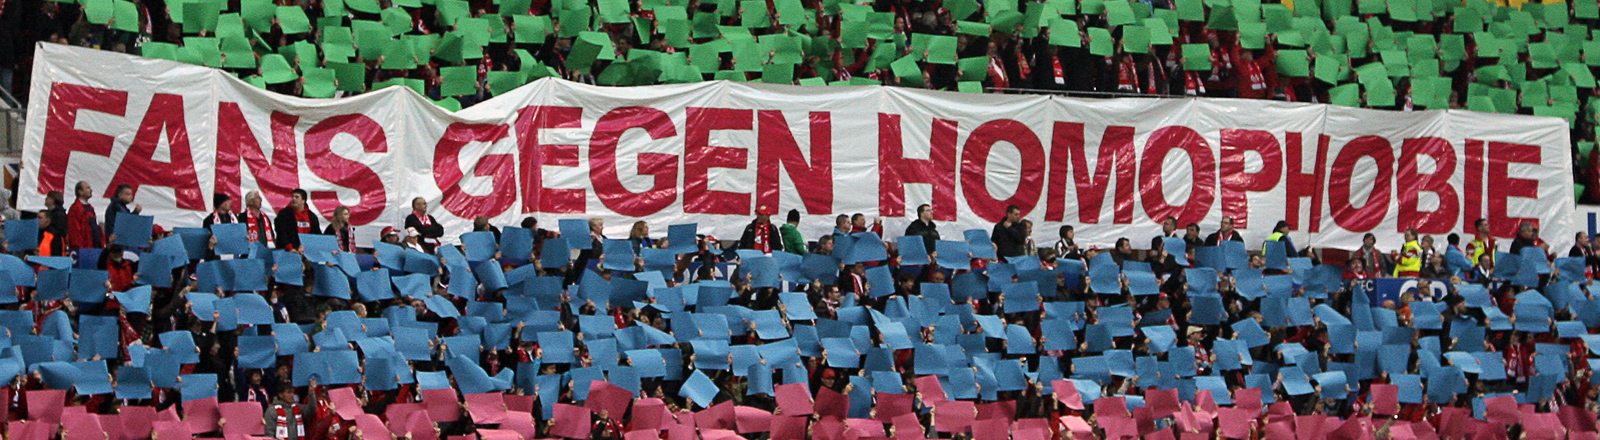 Die Mainzer Fans setzen vor dem Anpfiff ein Zeichen gegen Homophobie.